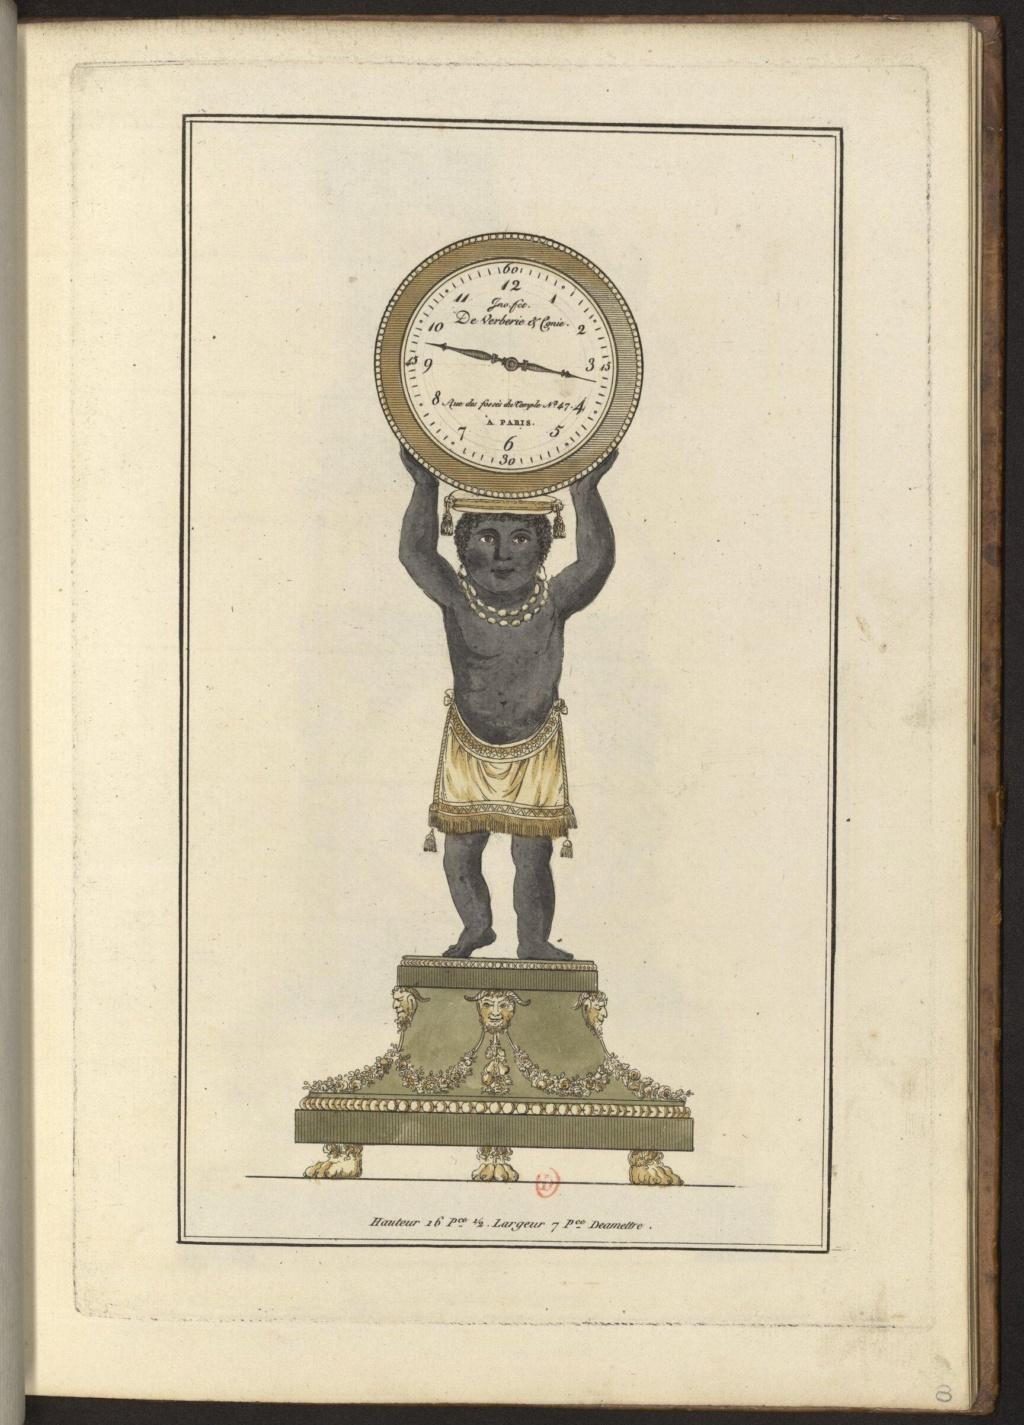 """Les pendules dites """"Au bon sauvage"""" et les créations de Jean-Simon Deverberie : L'Afrique et l'Amérique 15546412"""